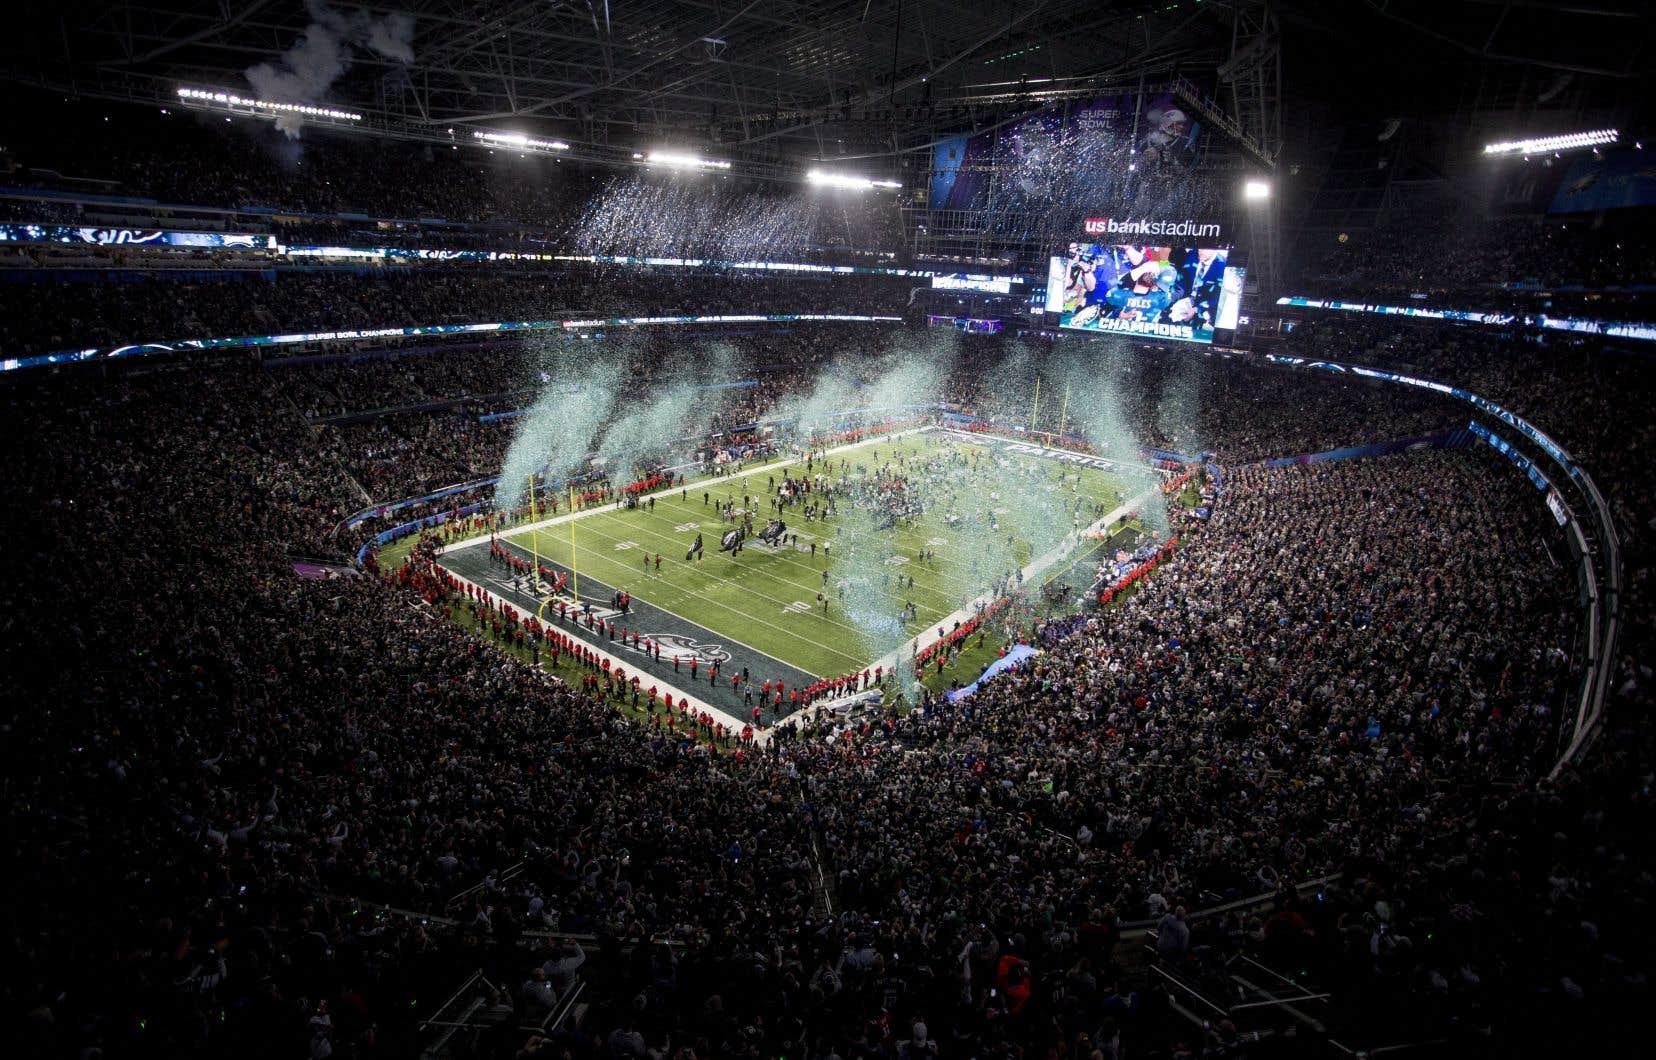 Le ministre fédéral de la Justice, David Lametti, a déposé un projet de loi visant à décriminaliser les paris uniquement sur un seul événement sportif, par exemple le Super Bowl.